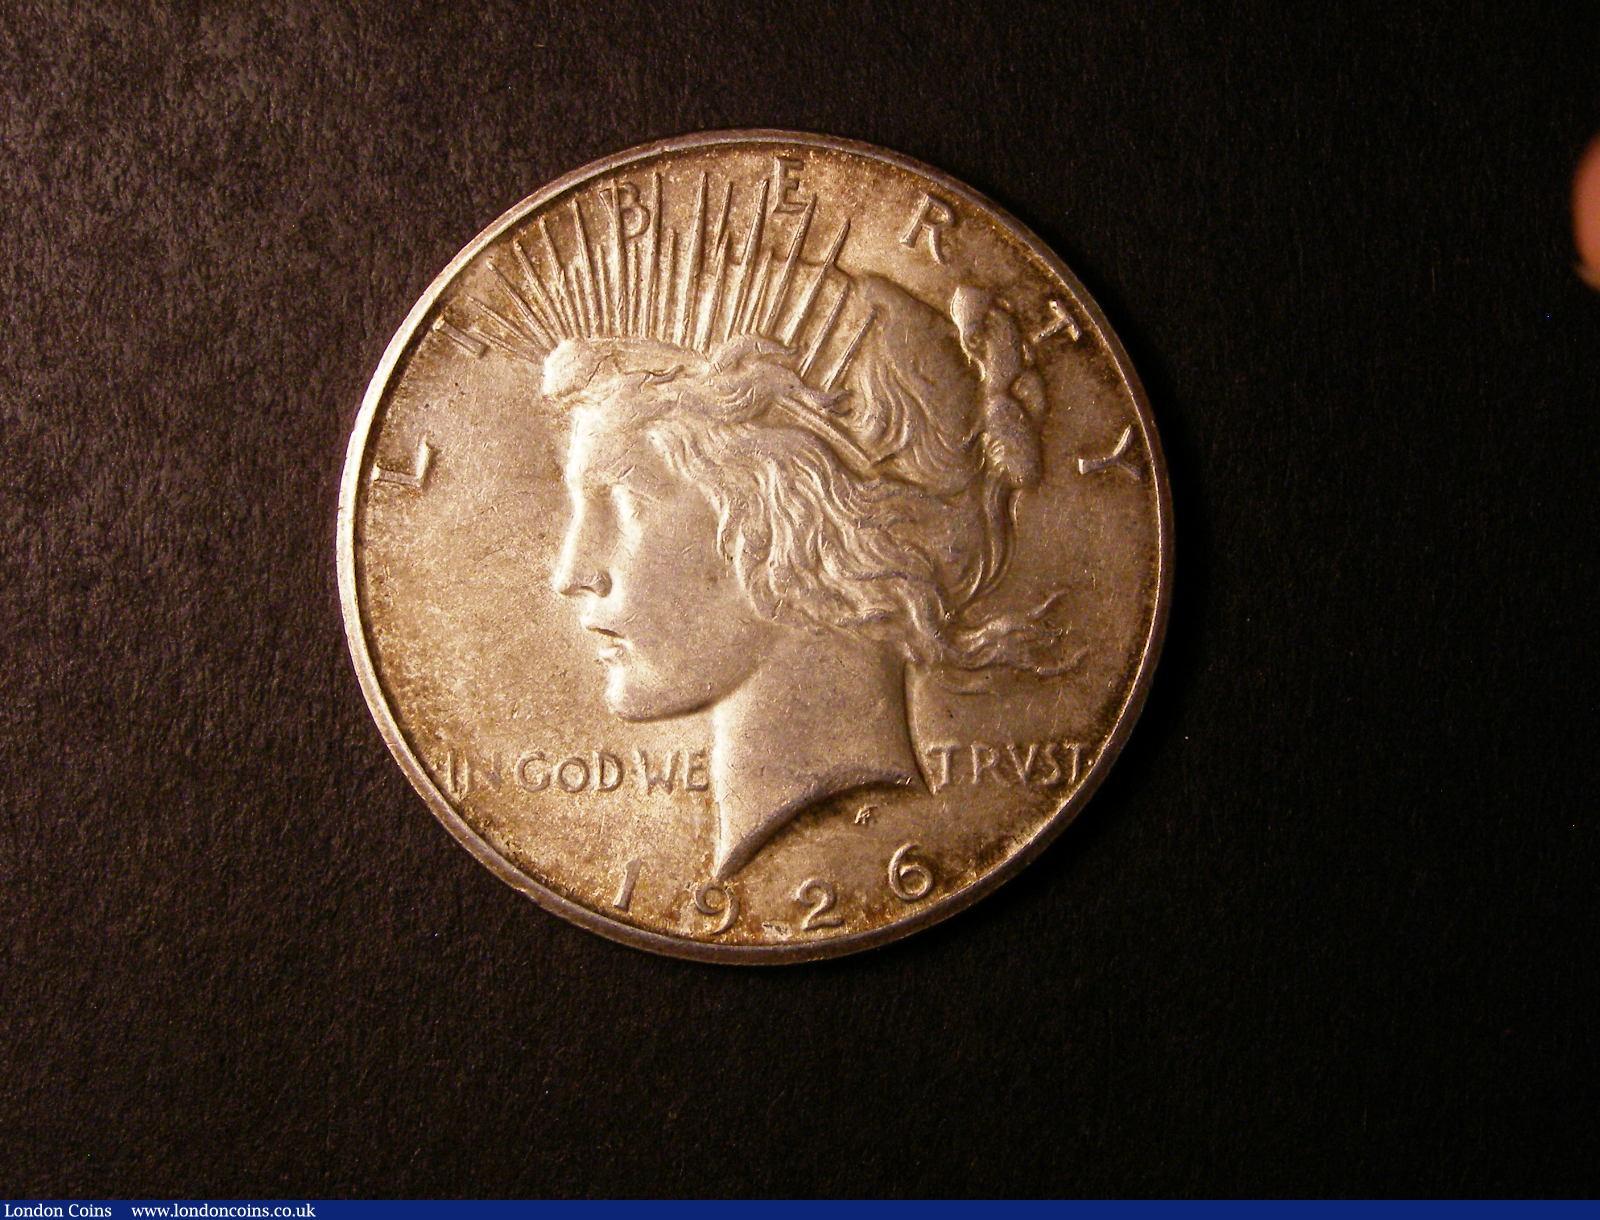 Jdc coin usa value : Metronome 68 bpm health